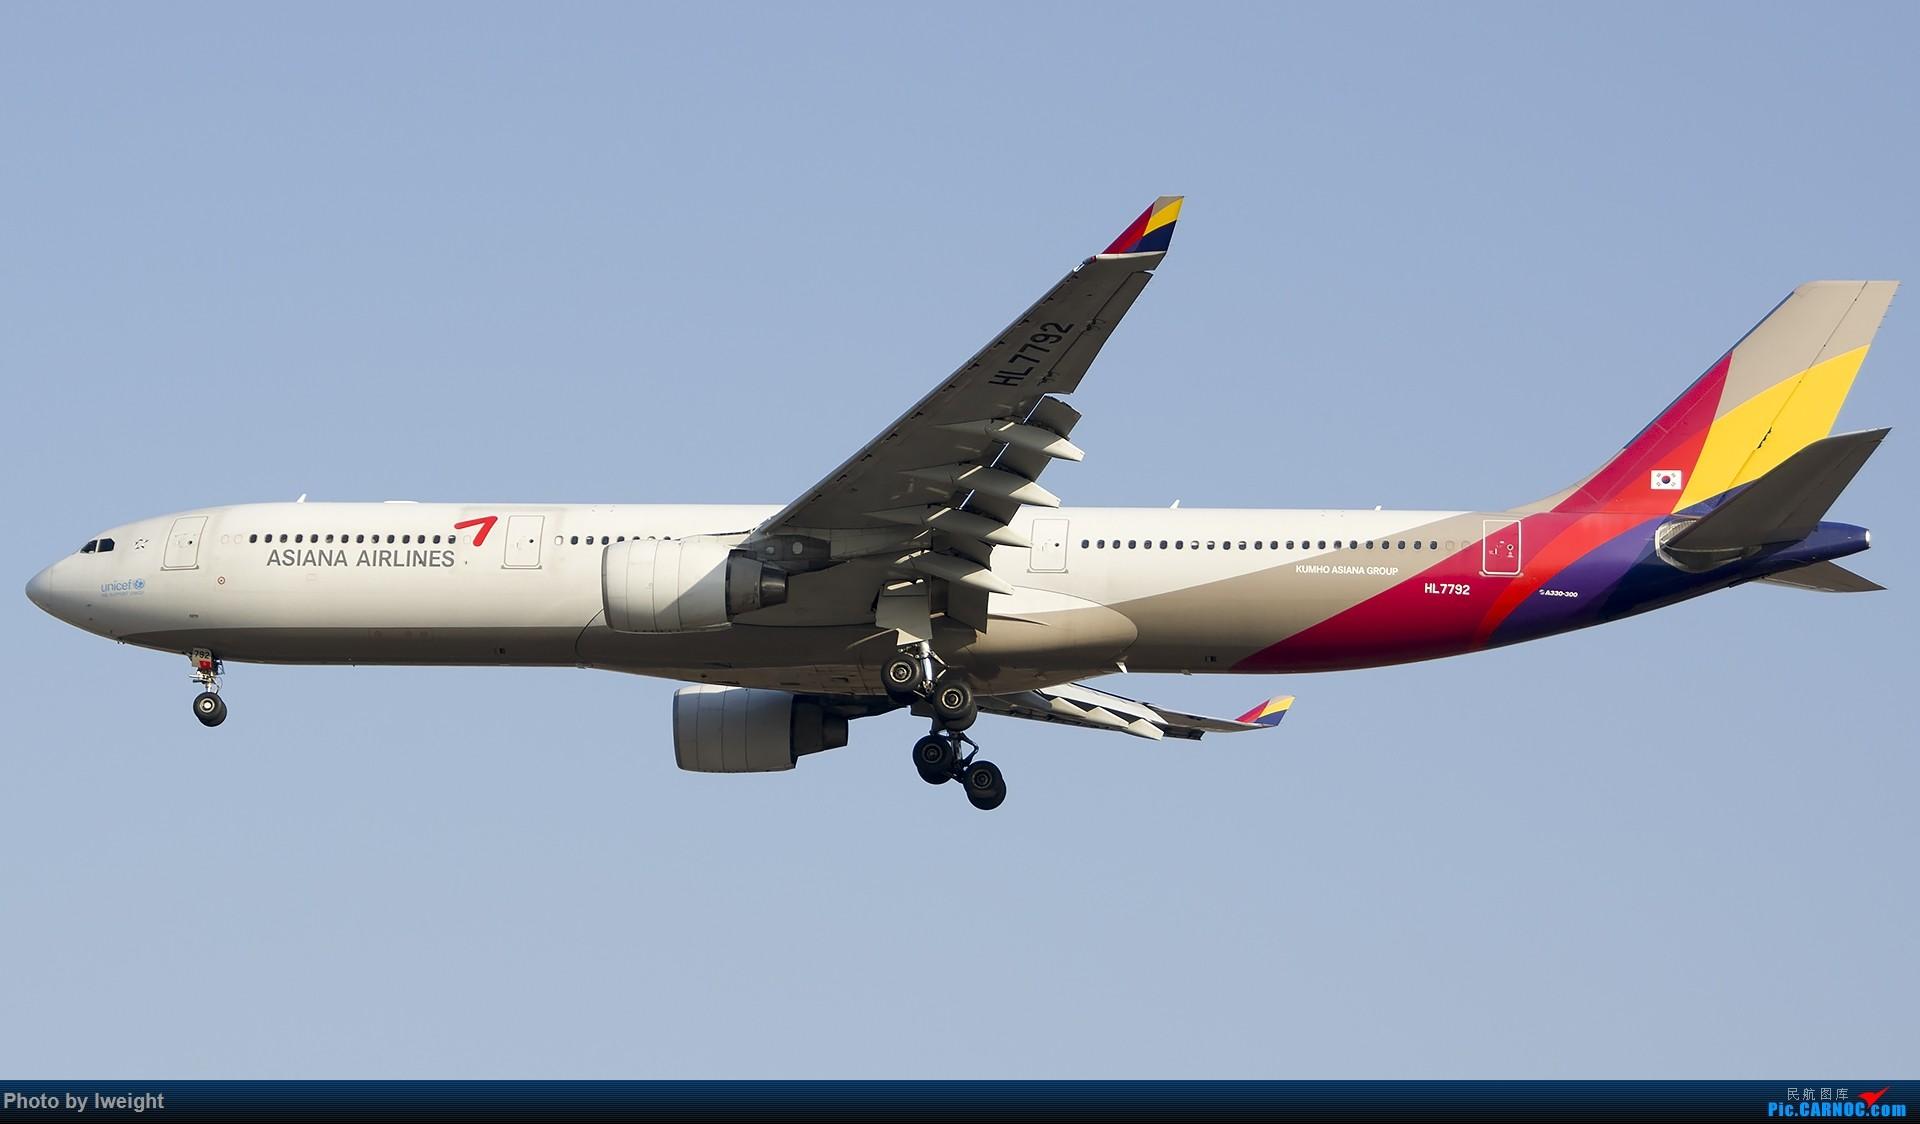 Re:[原创]2014-12-02 ZBAA随拍 AIRBUS A330-300 HL7792 中国北京首都国际机场